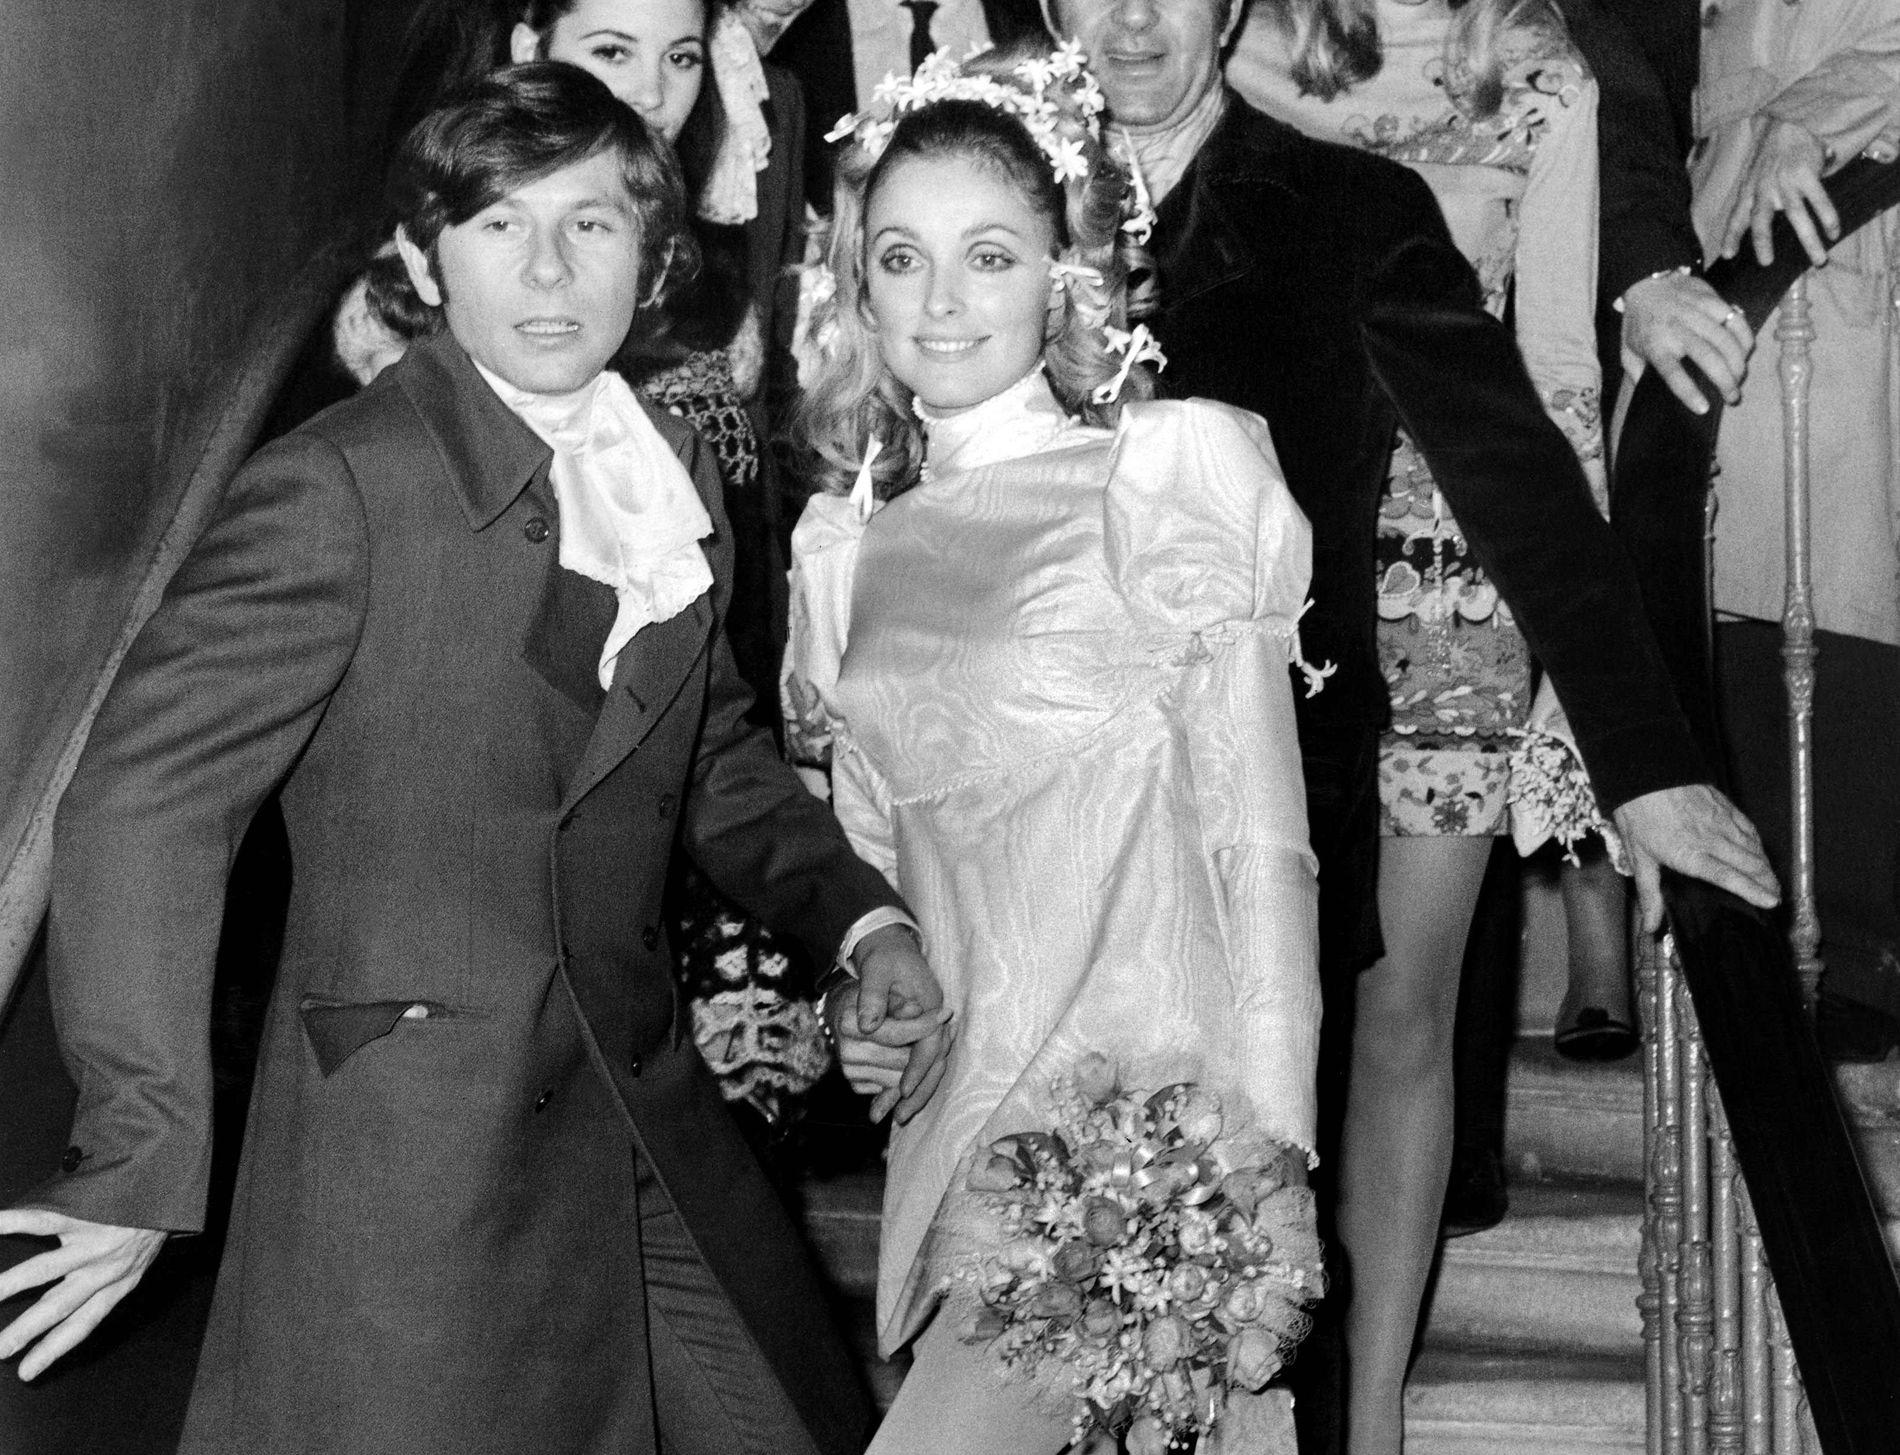 NYGIFT: Roman Polanski og Sharon Tate 20. januar 1968, på tinghuset i London.